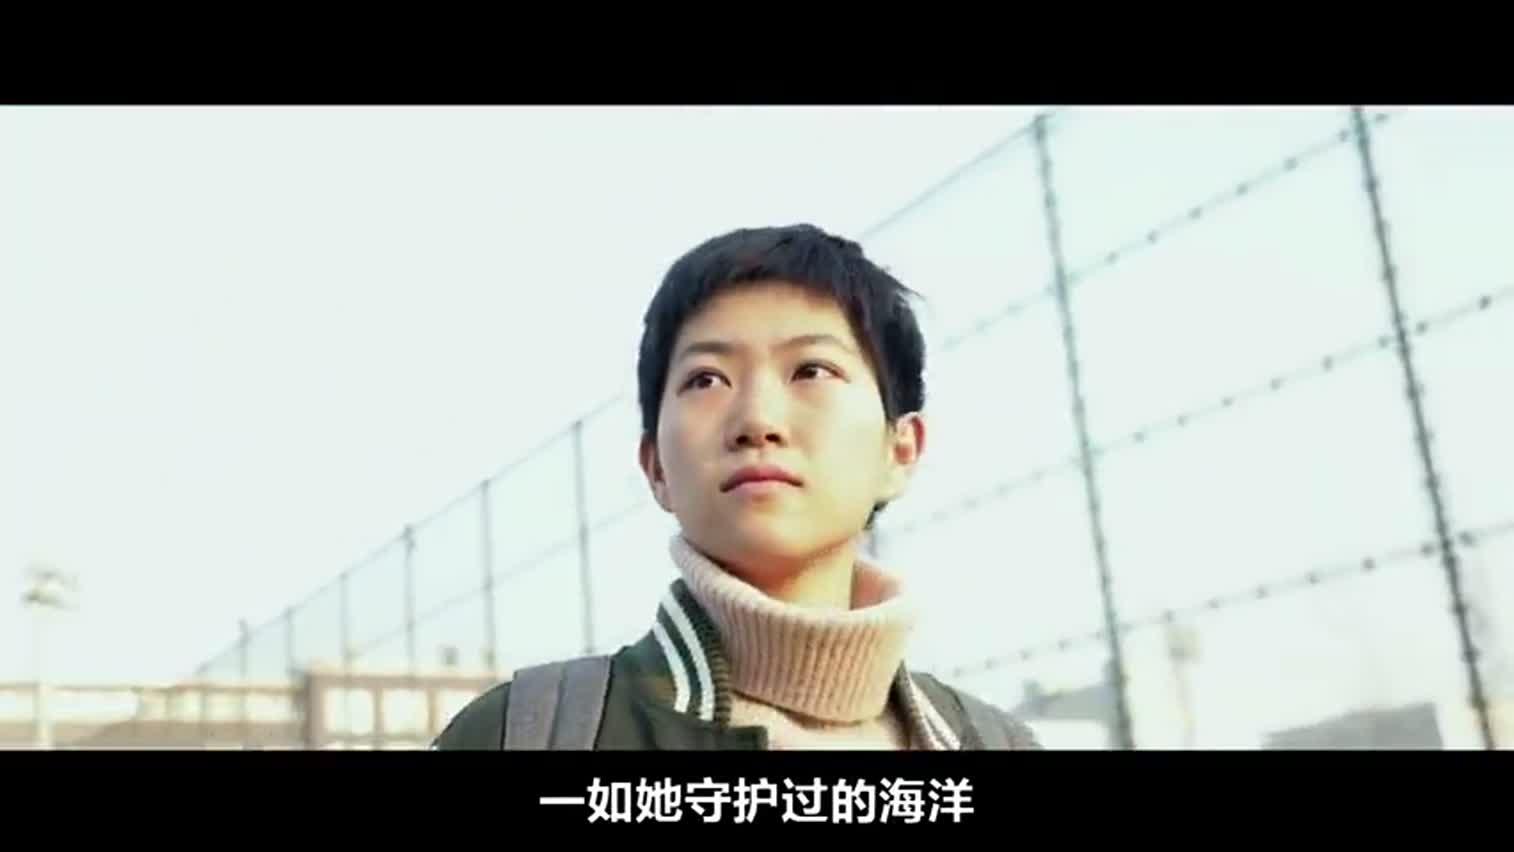 不一Young的新中国:他们如许诠释最美芳华模样